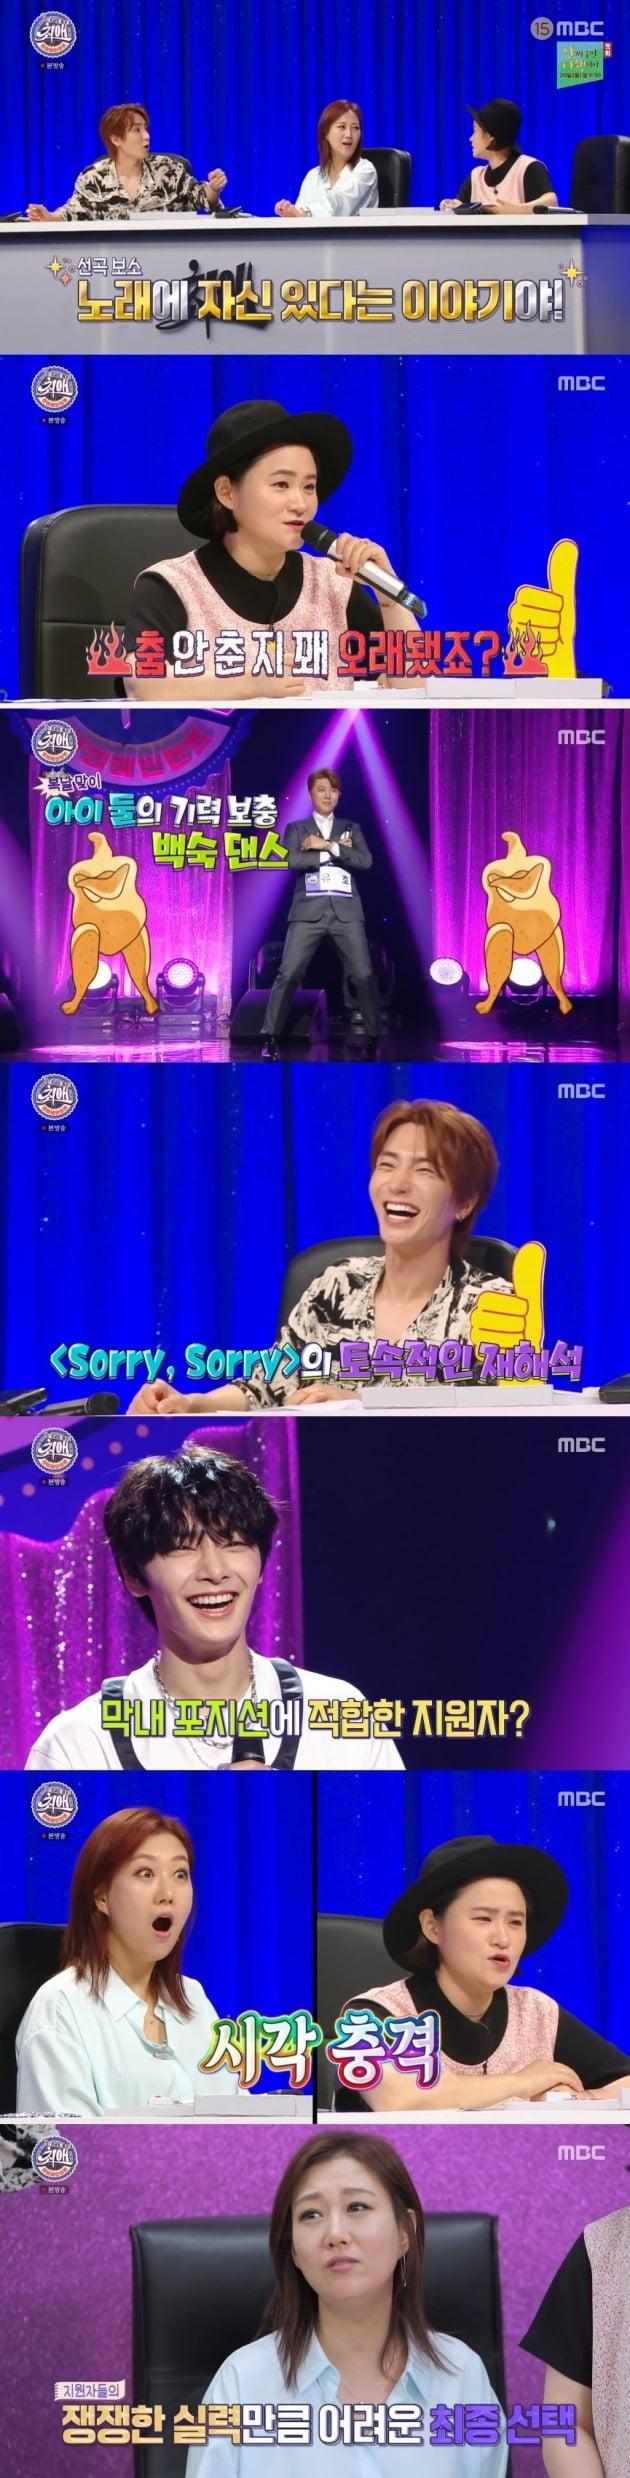 사진= MBC '최애 엔터테인먼트' 방송 화면.